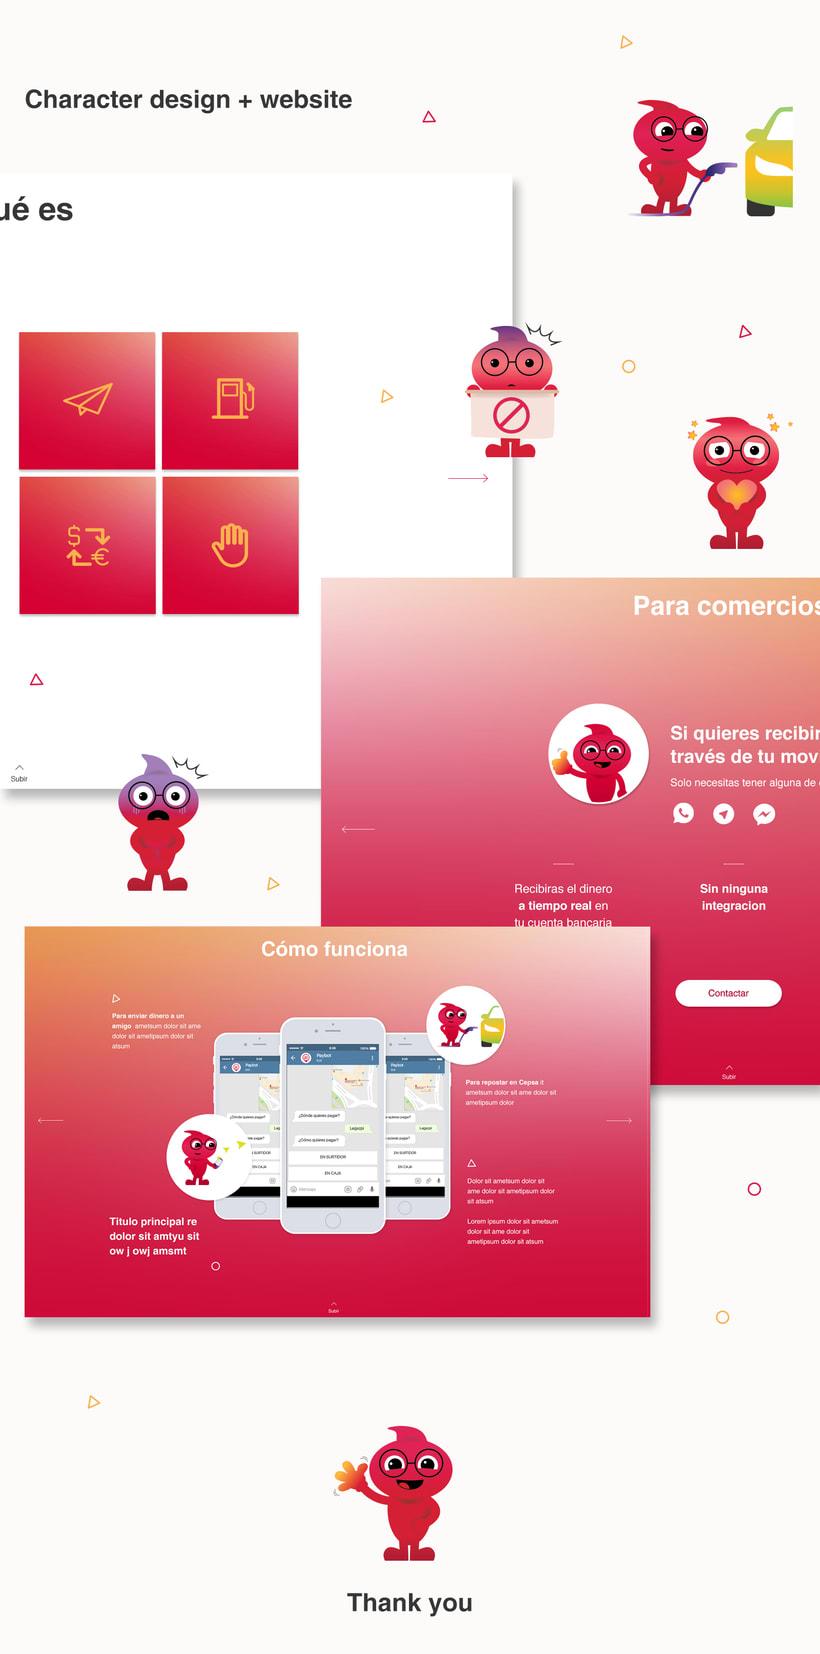 Website & Character design 1